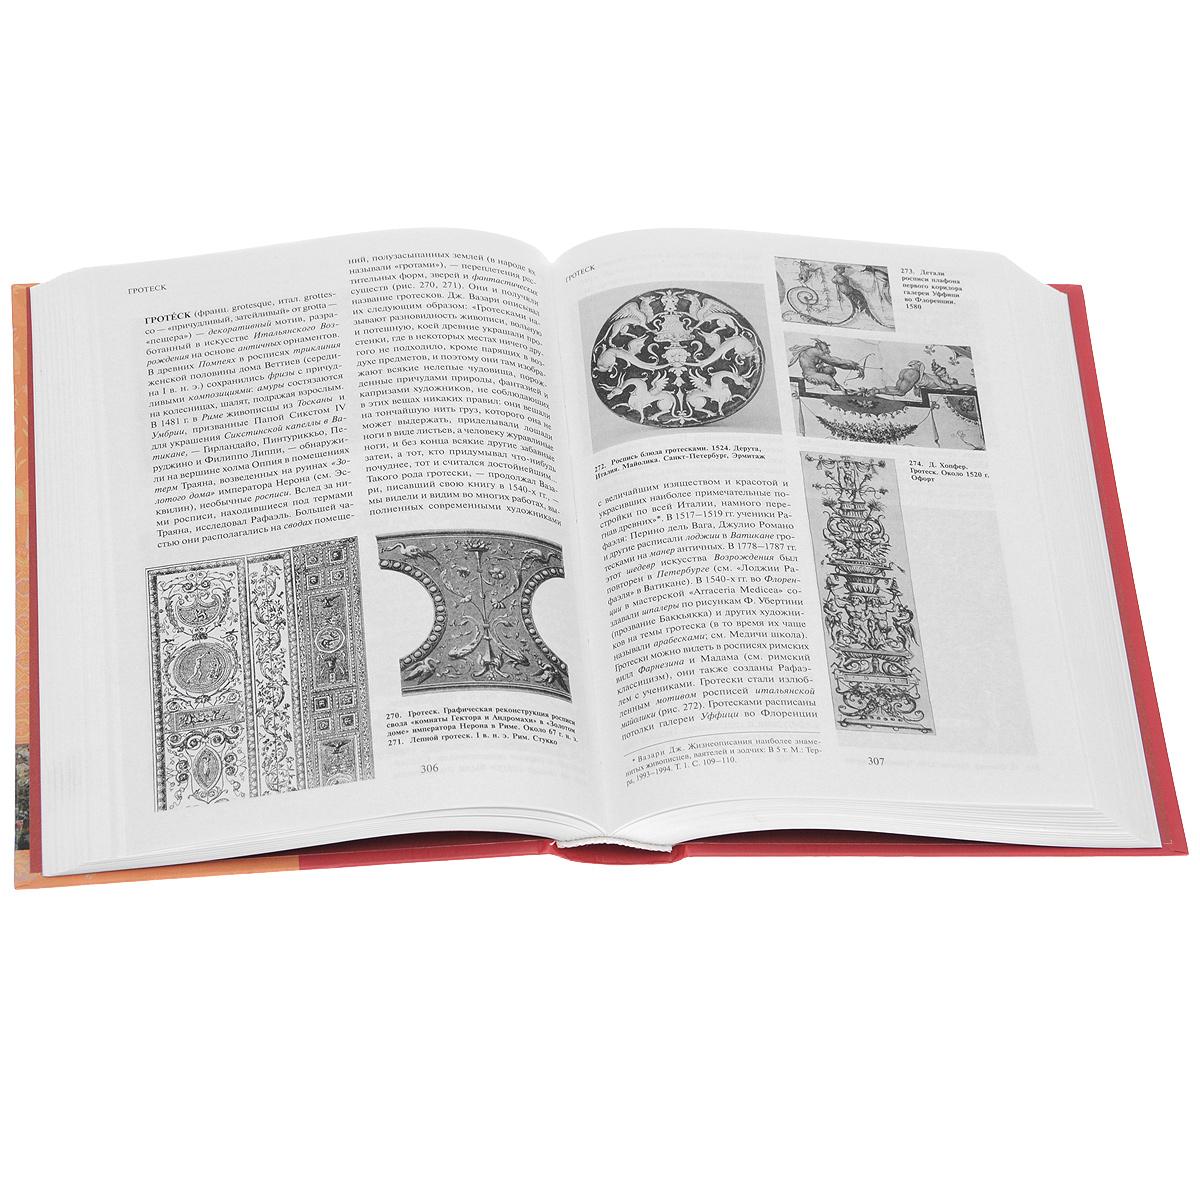 Новый энциклопедический словарь изобразительного искусства. В 10 томах. Том 3. Г-З